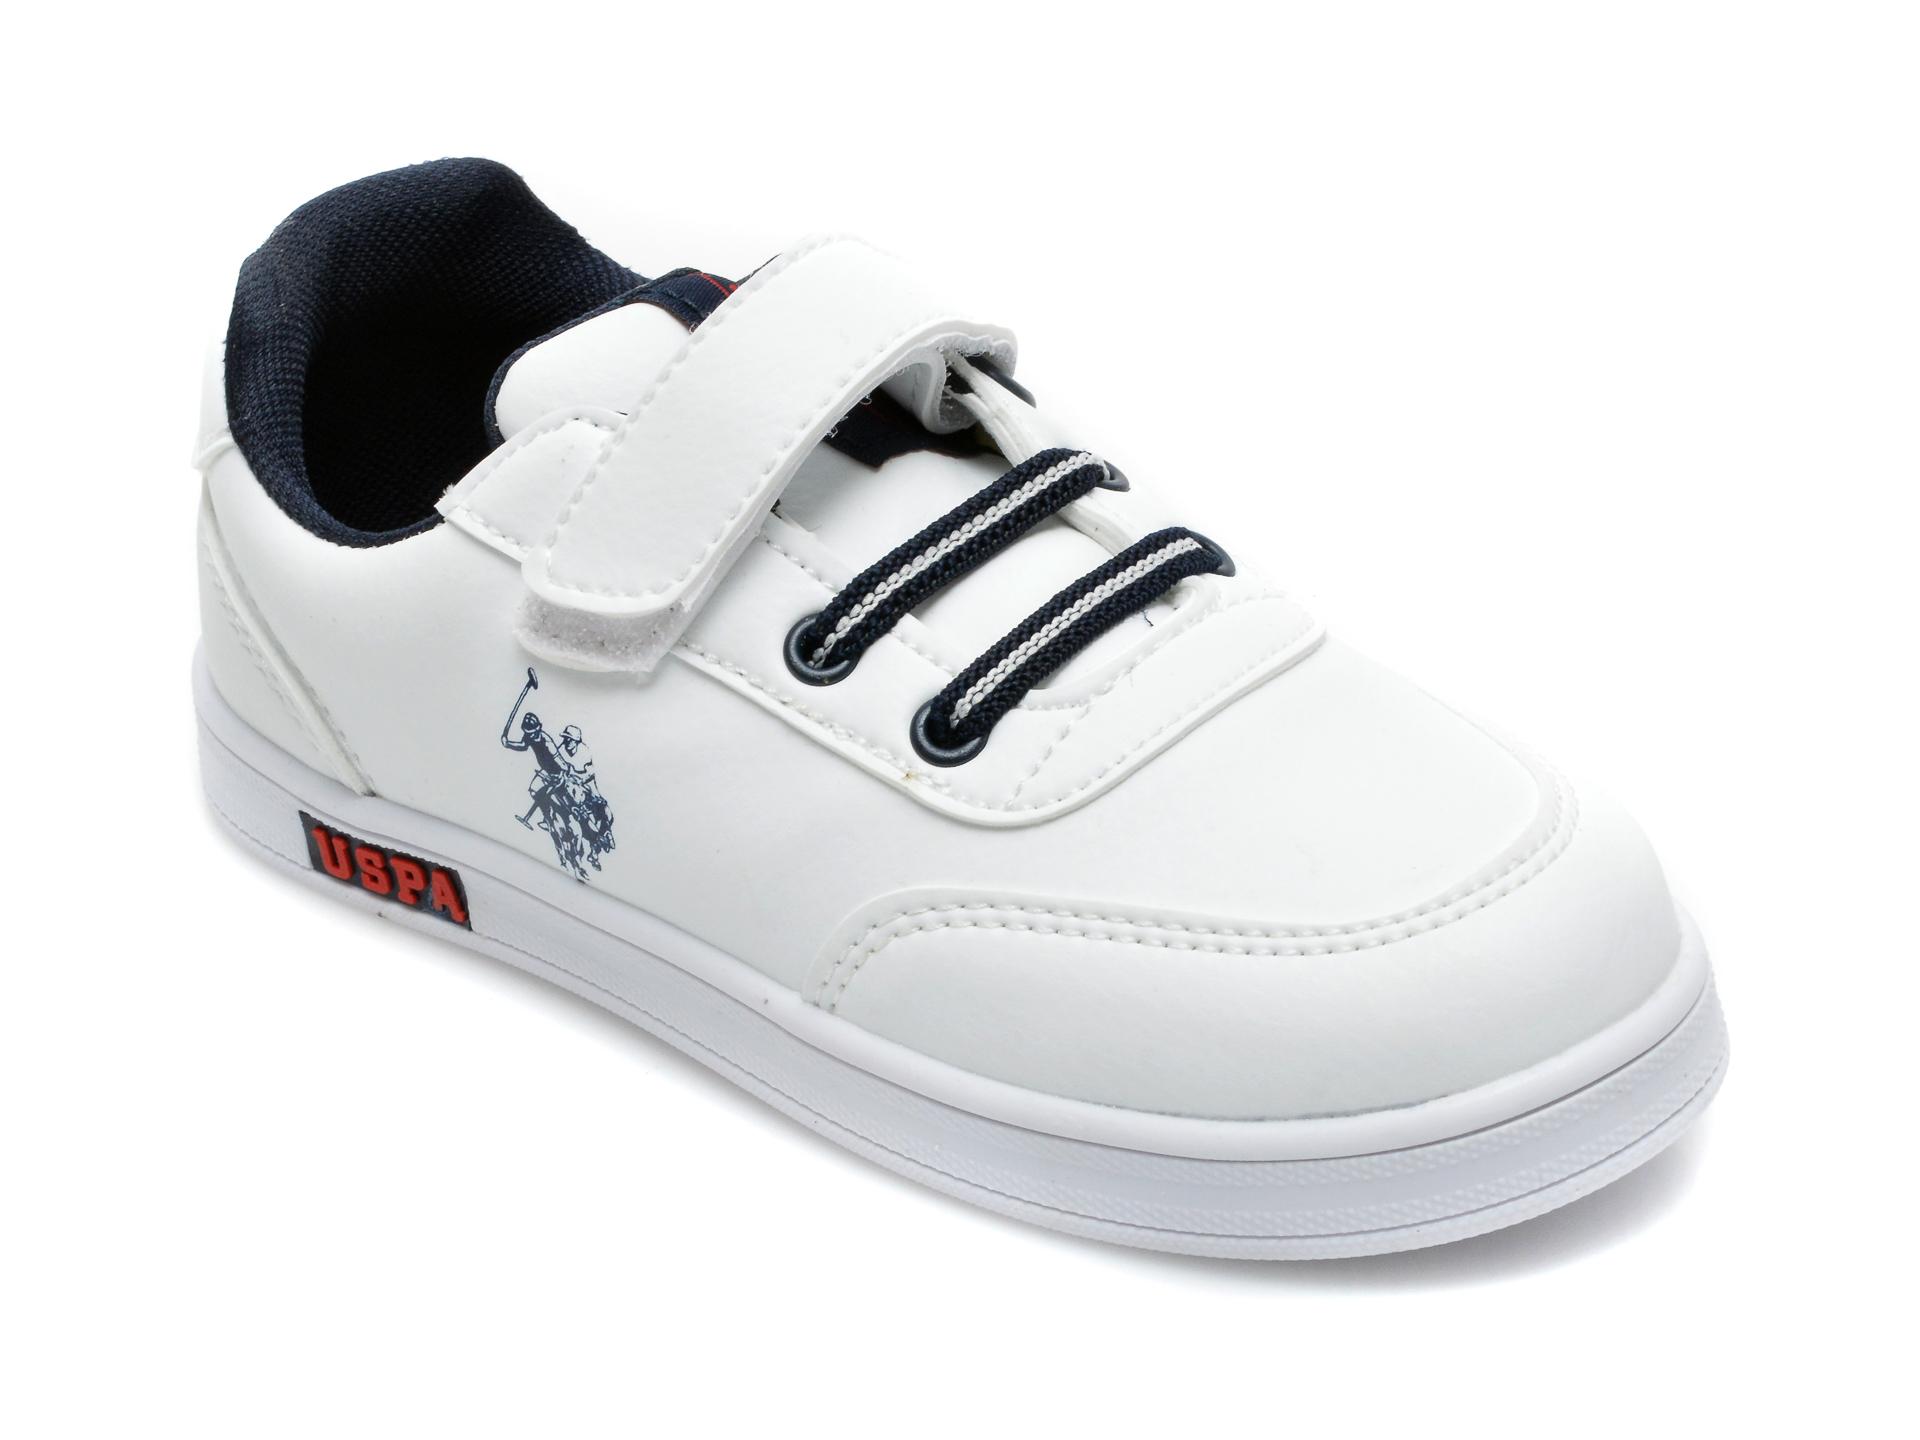 Pantofi sport US POLO ASSN albi, CAMERON WT, din piele ecologica